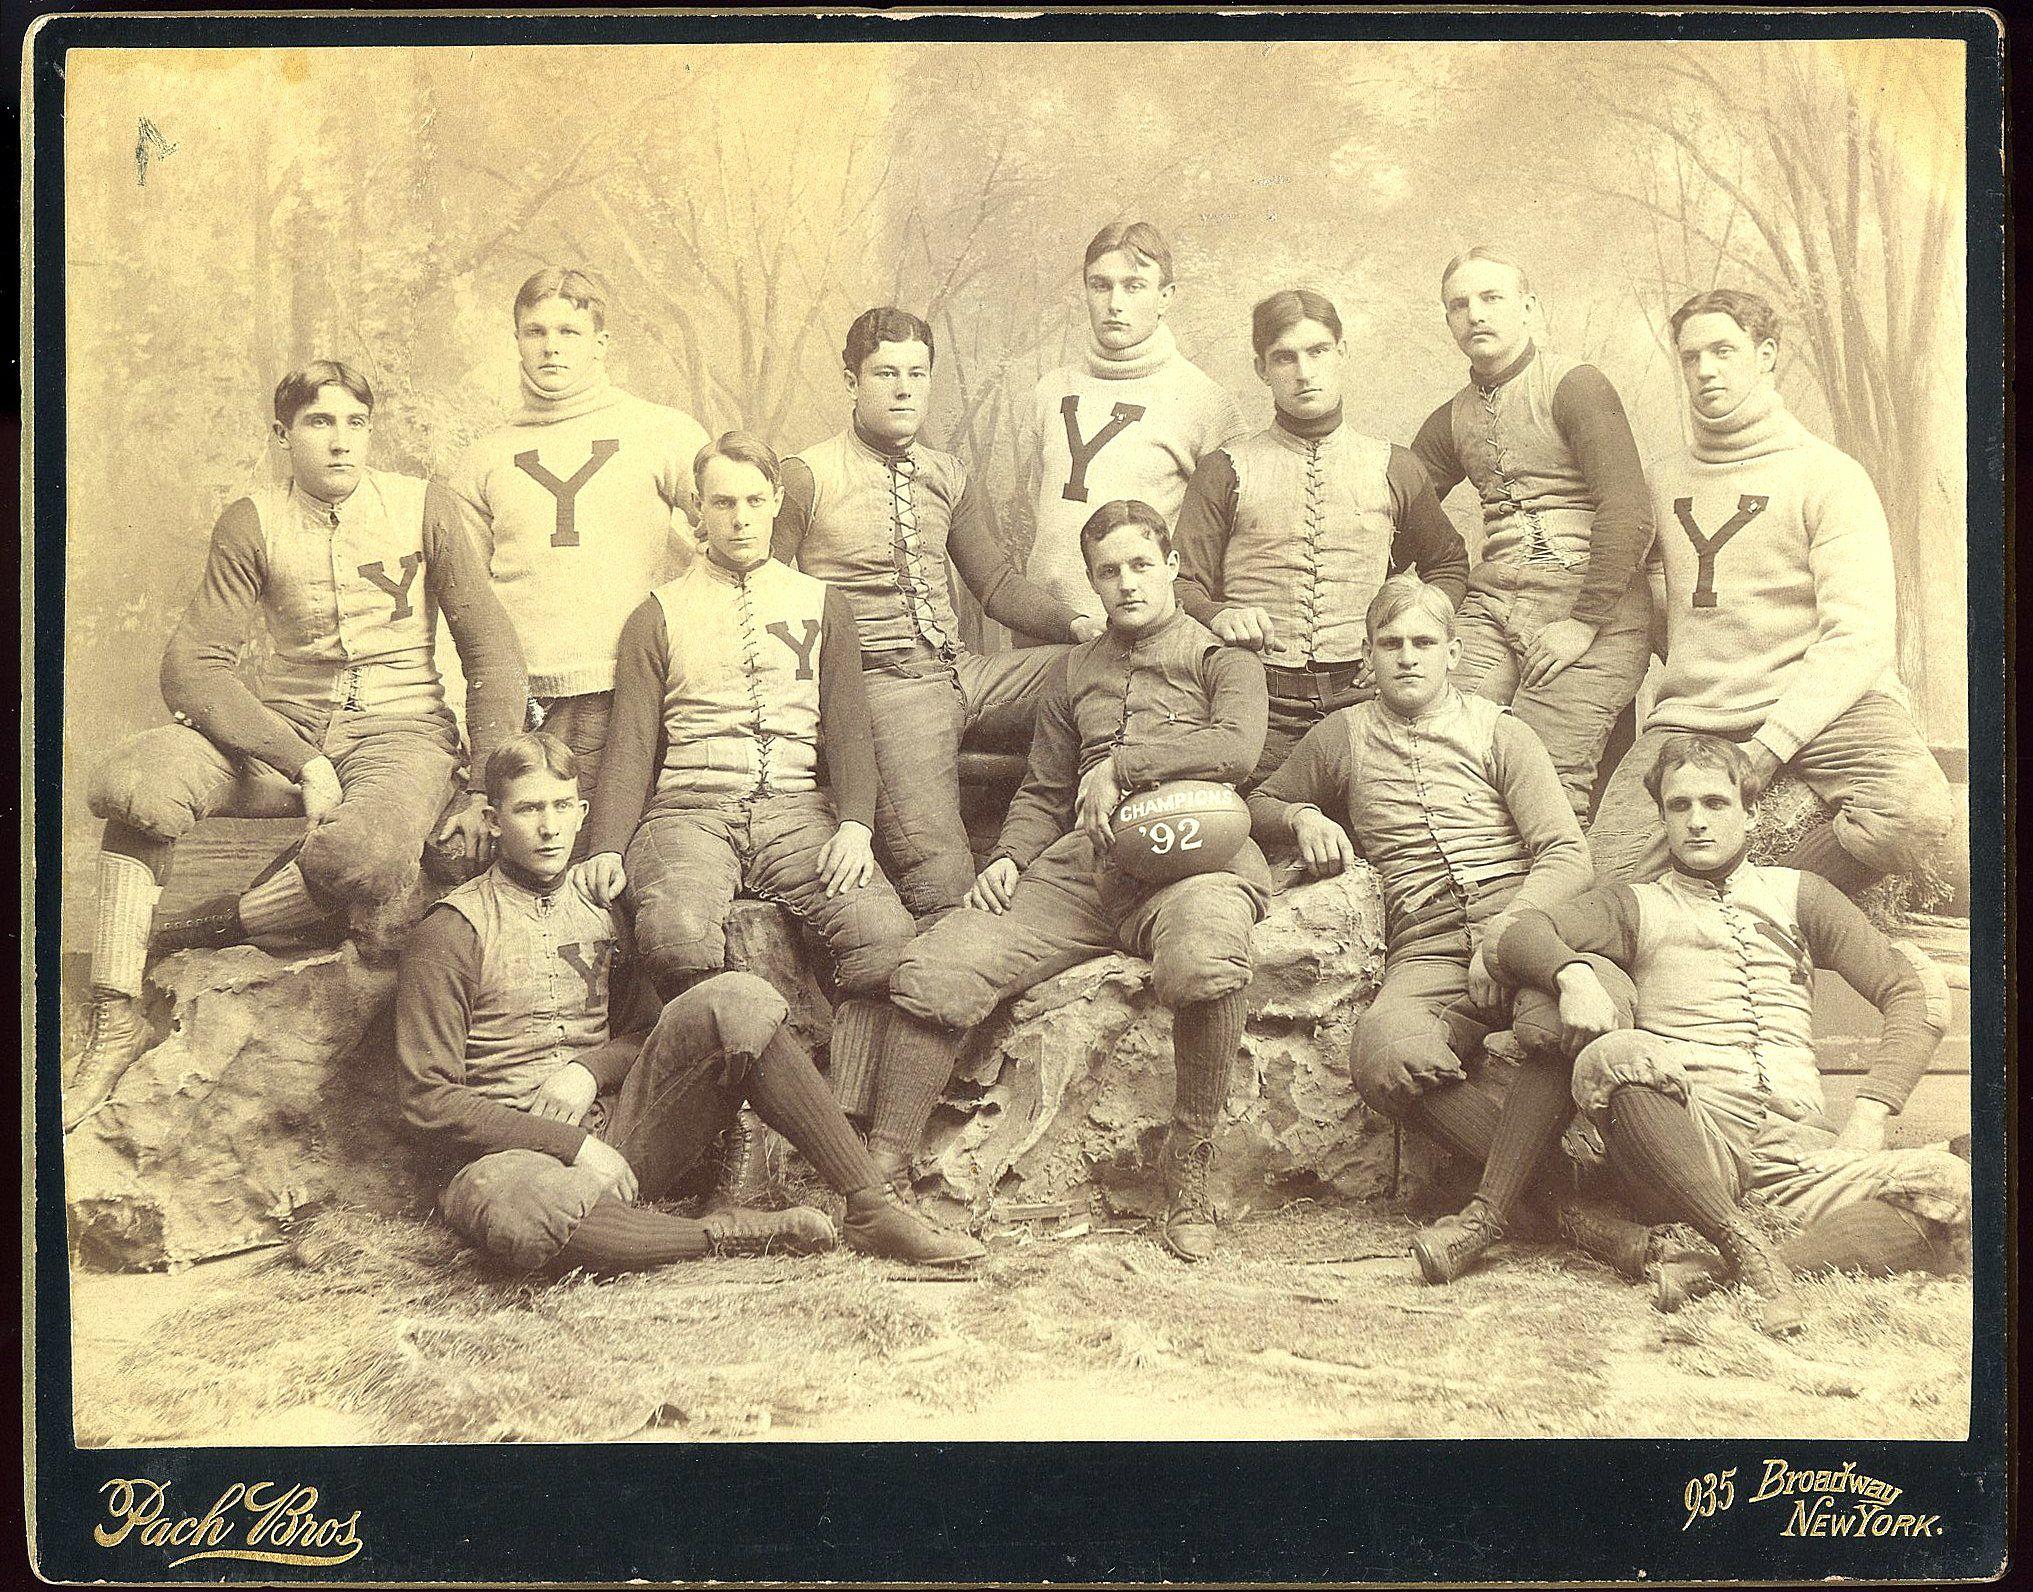 1892 college football season - Wikipedia